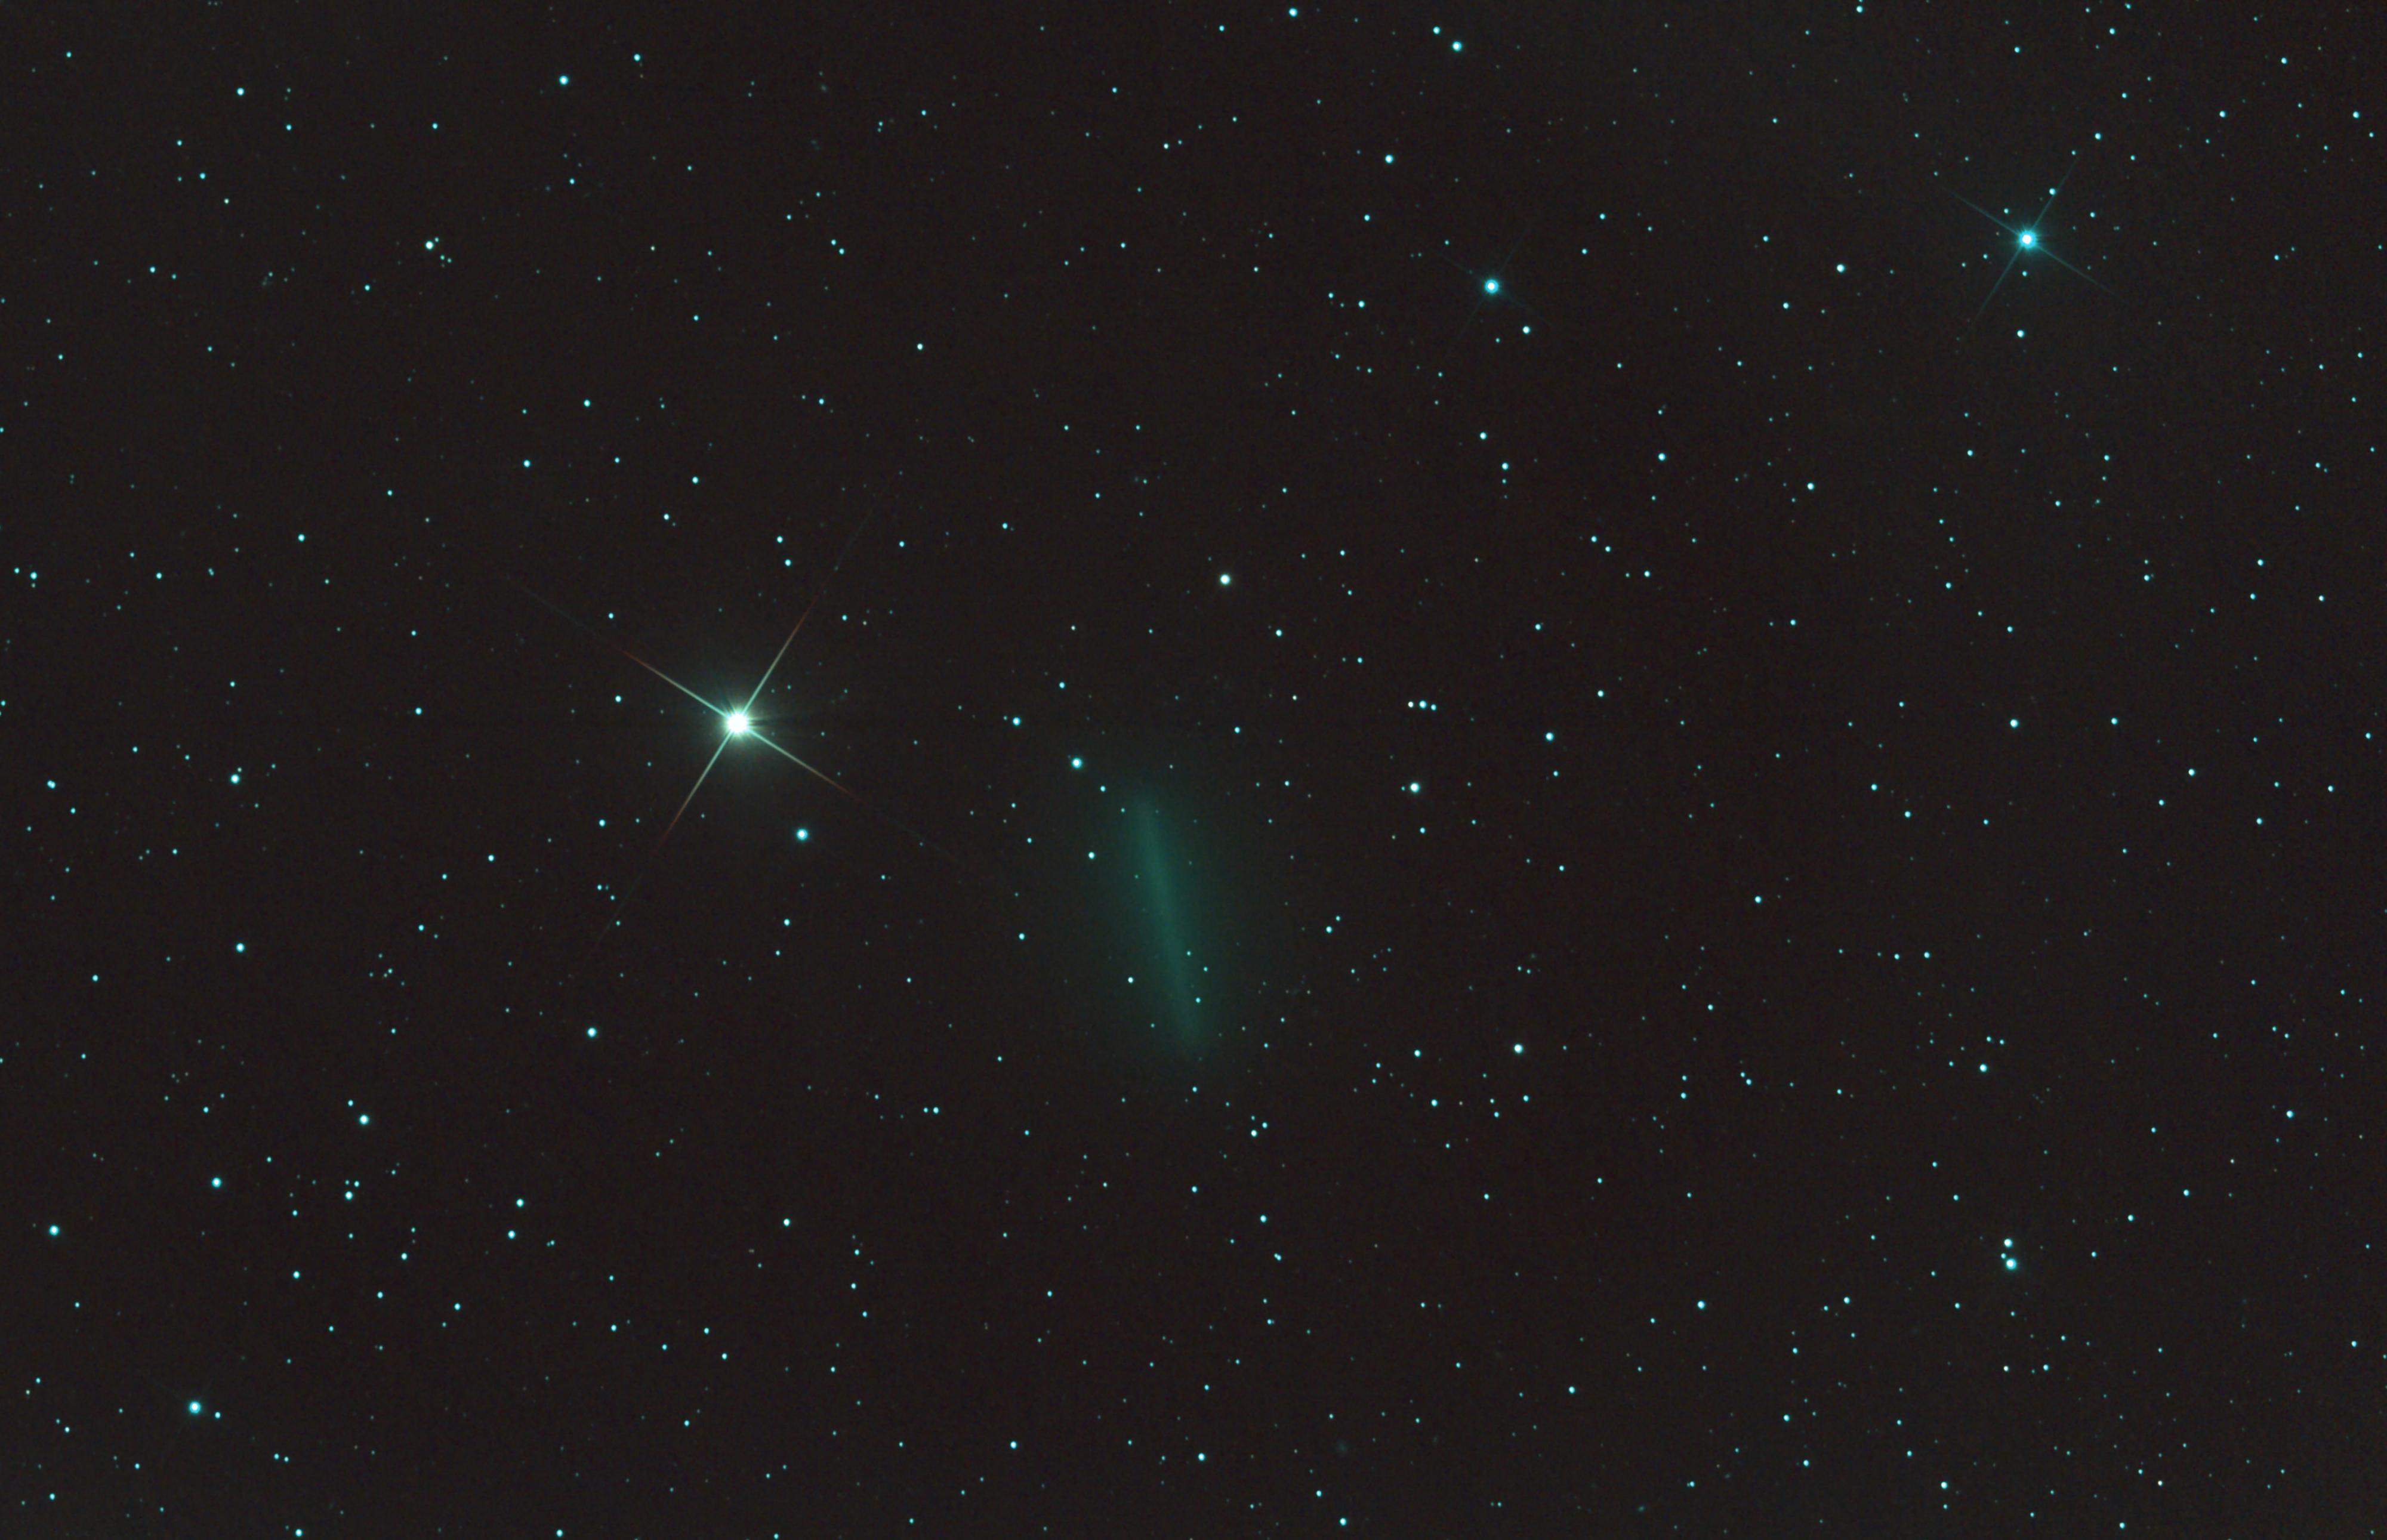 Une comète tout près de la Gazelle (C/2019 Y4)